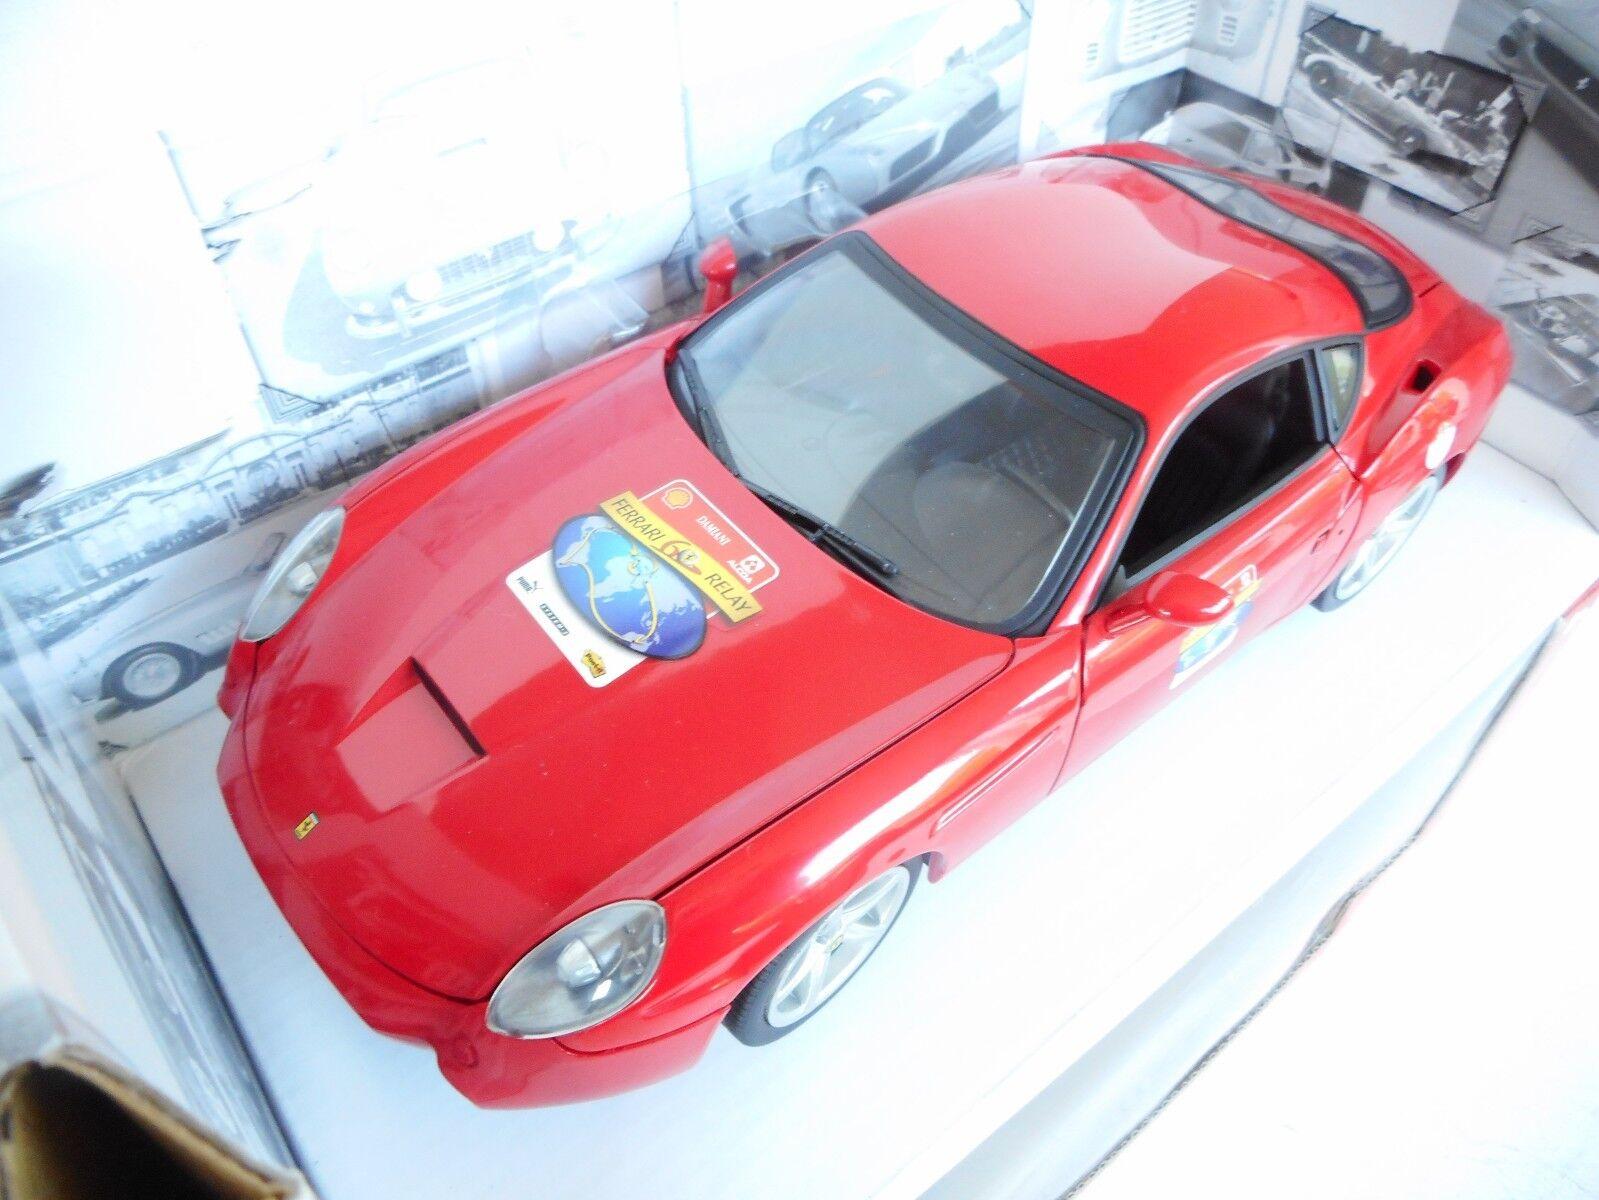 Ferrari 575 GTZ Zagato 2006 rojo, Modellauto 1 18   Mattel - Hot Wheels M BOX